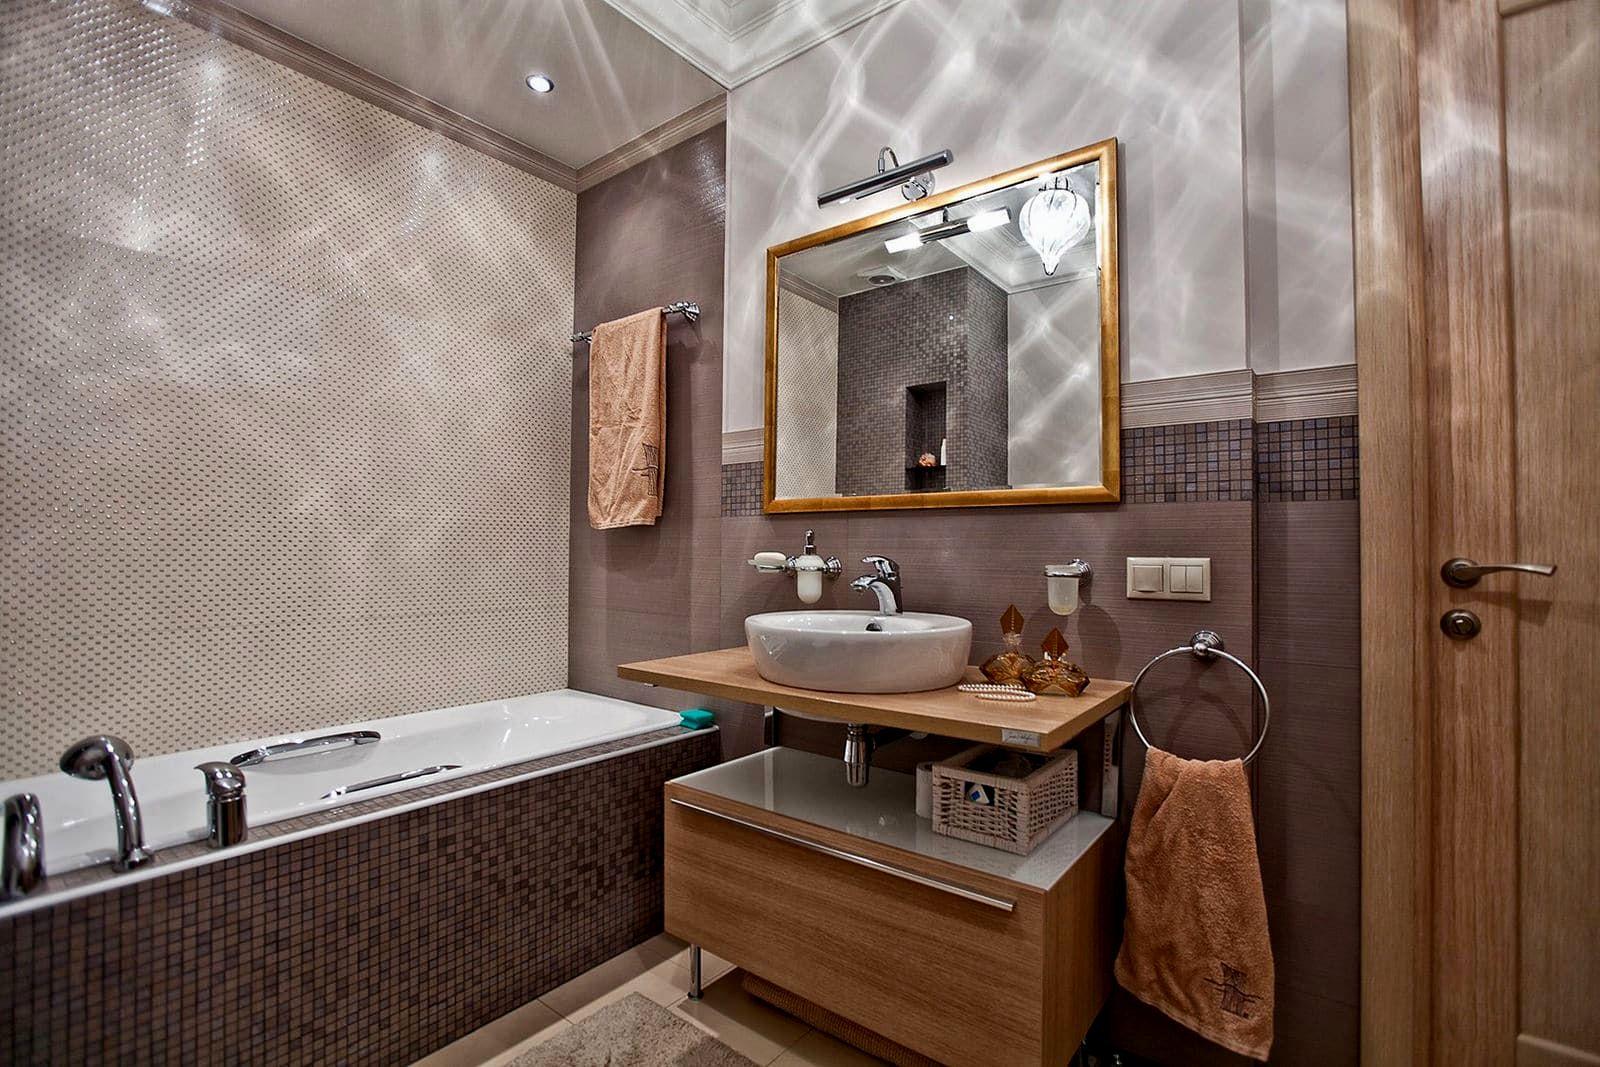 new tile bathroom ideas decoration-Amazing Tile Bathroom Ideas Photograph